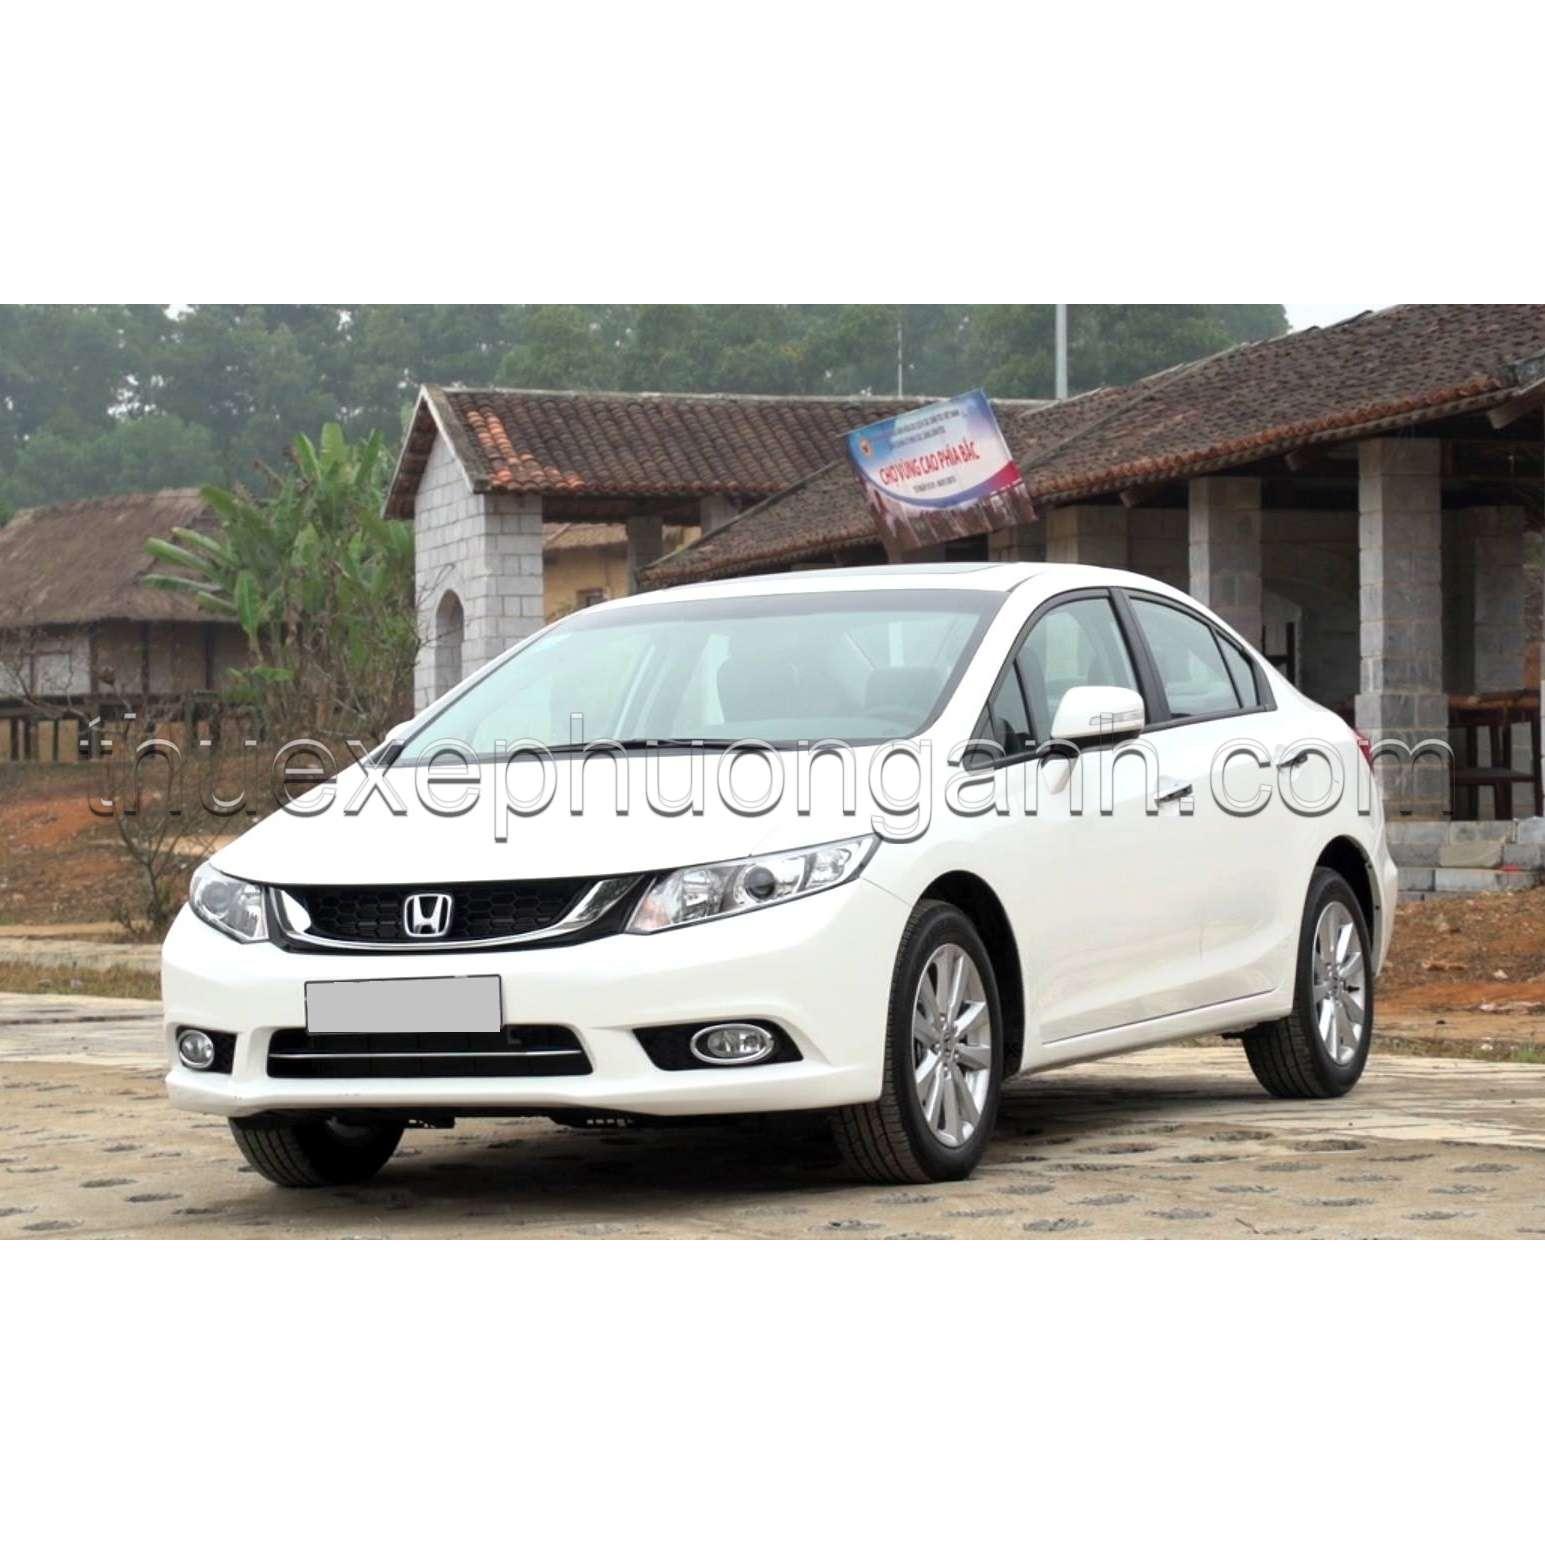 Tịch vụ cho thuê xe ô tô có lái tại Hà Nội vào dịp Tết